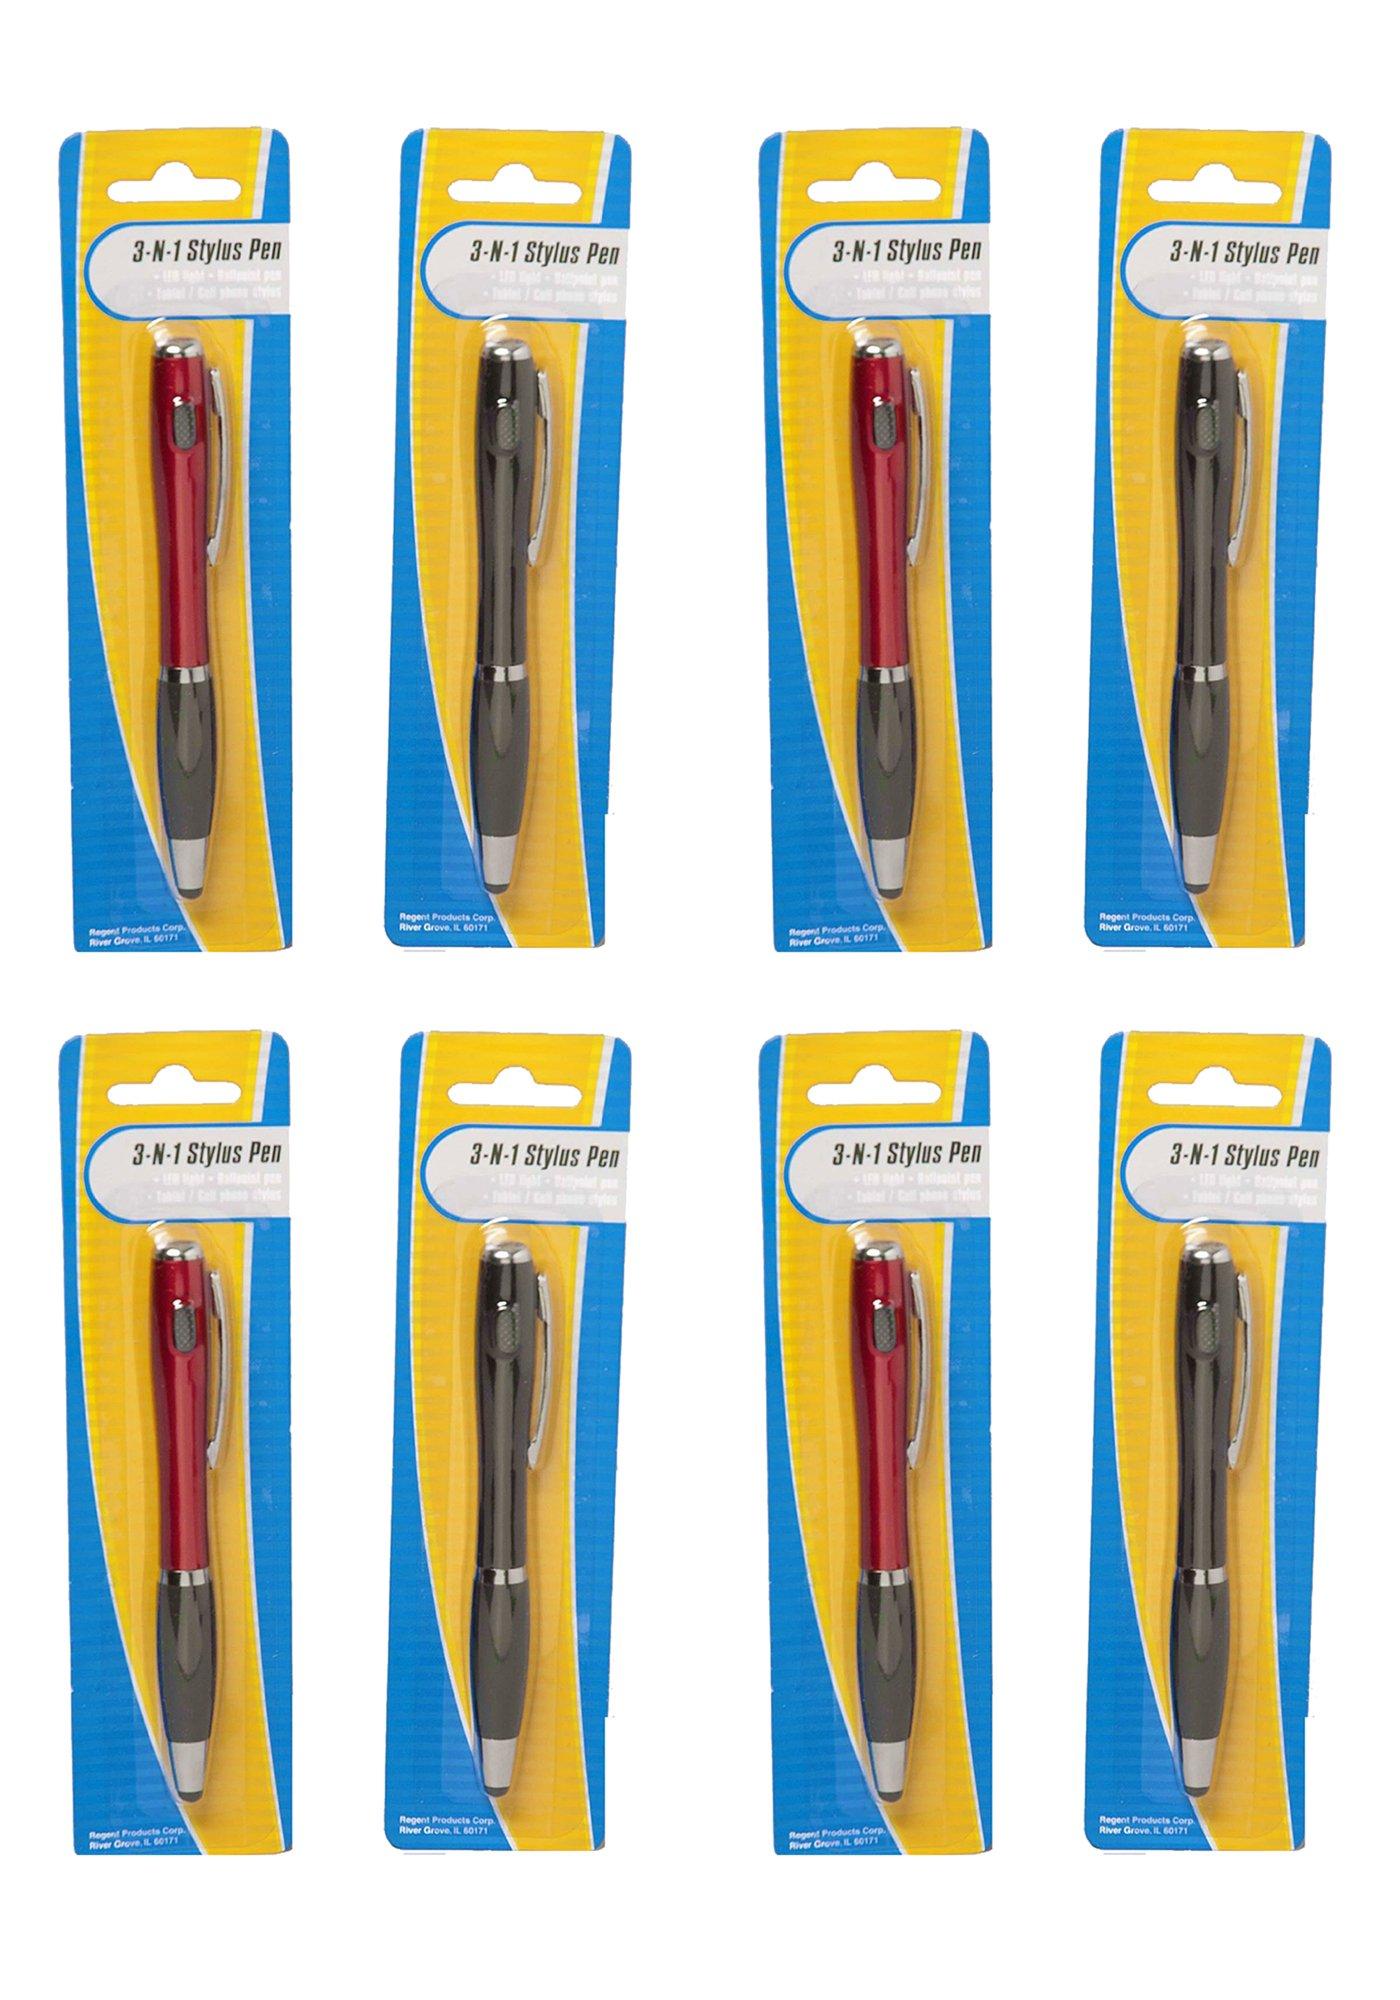 Set of 8 LED 3-n-1 Stylus Pen - LED Light, Ballpoint Pen, & Touch Screen Tablet Smart Phone Stylus (8 Pack)